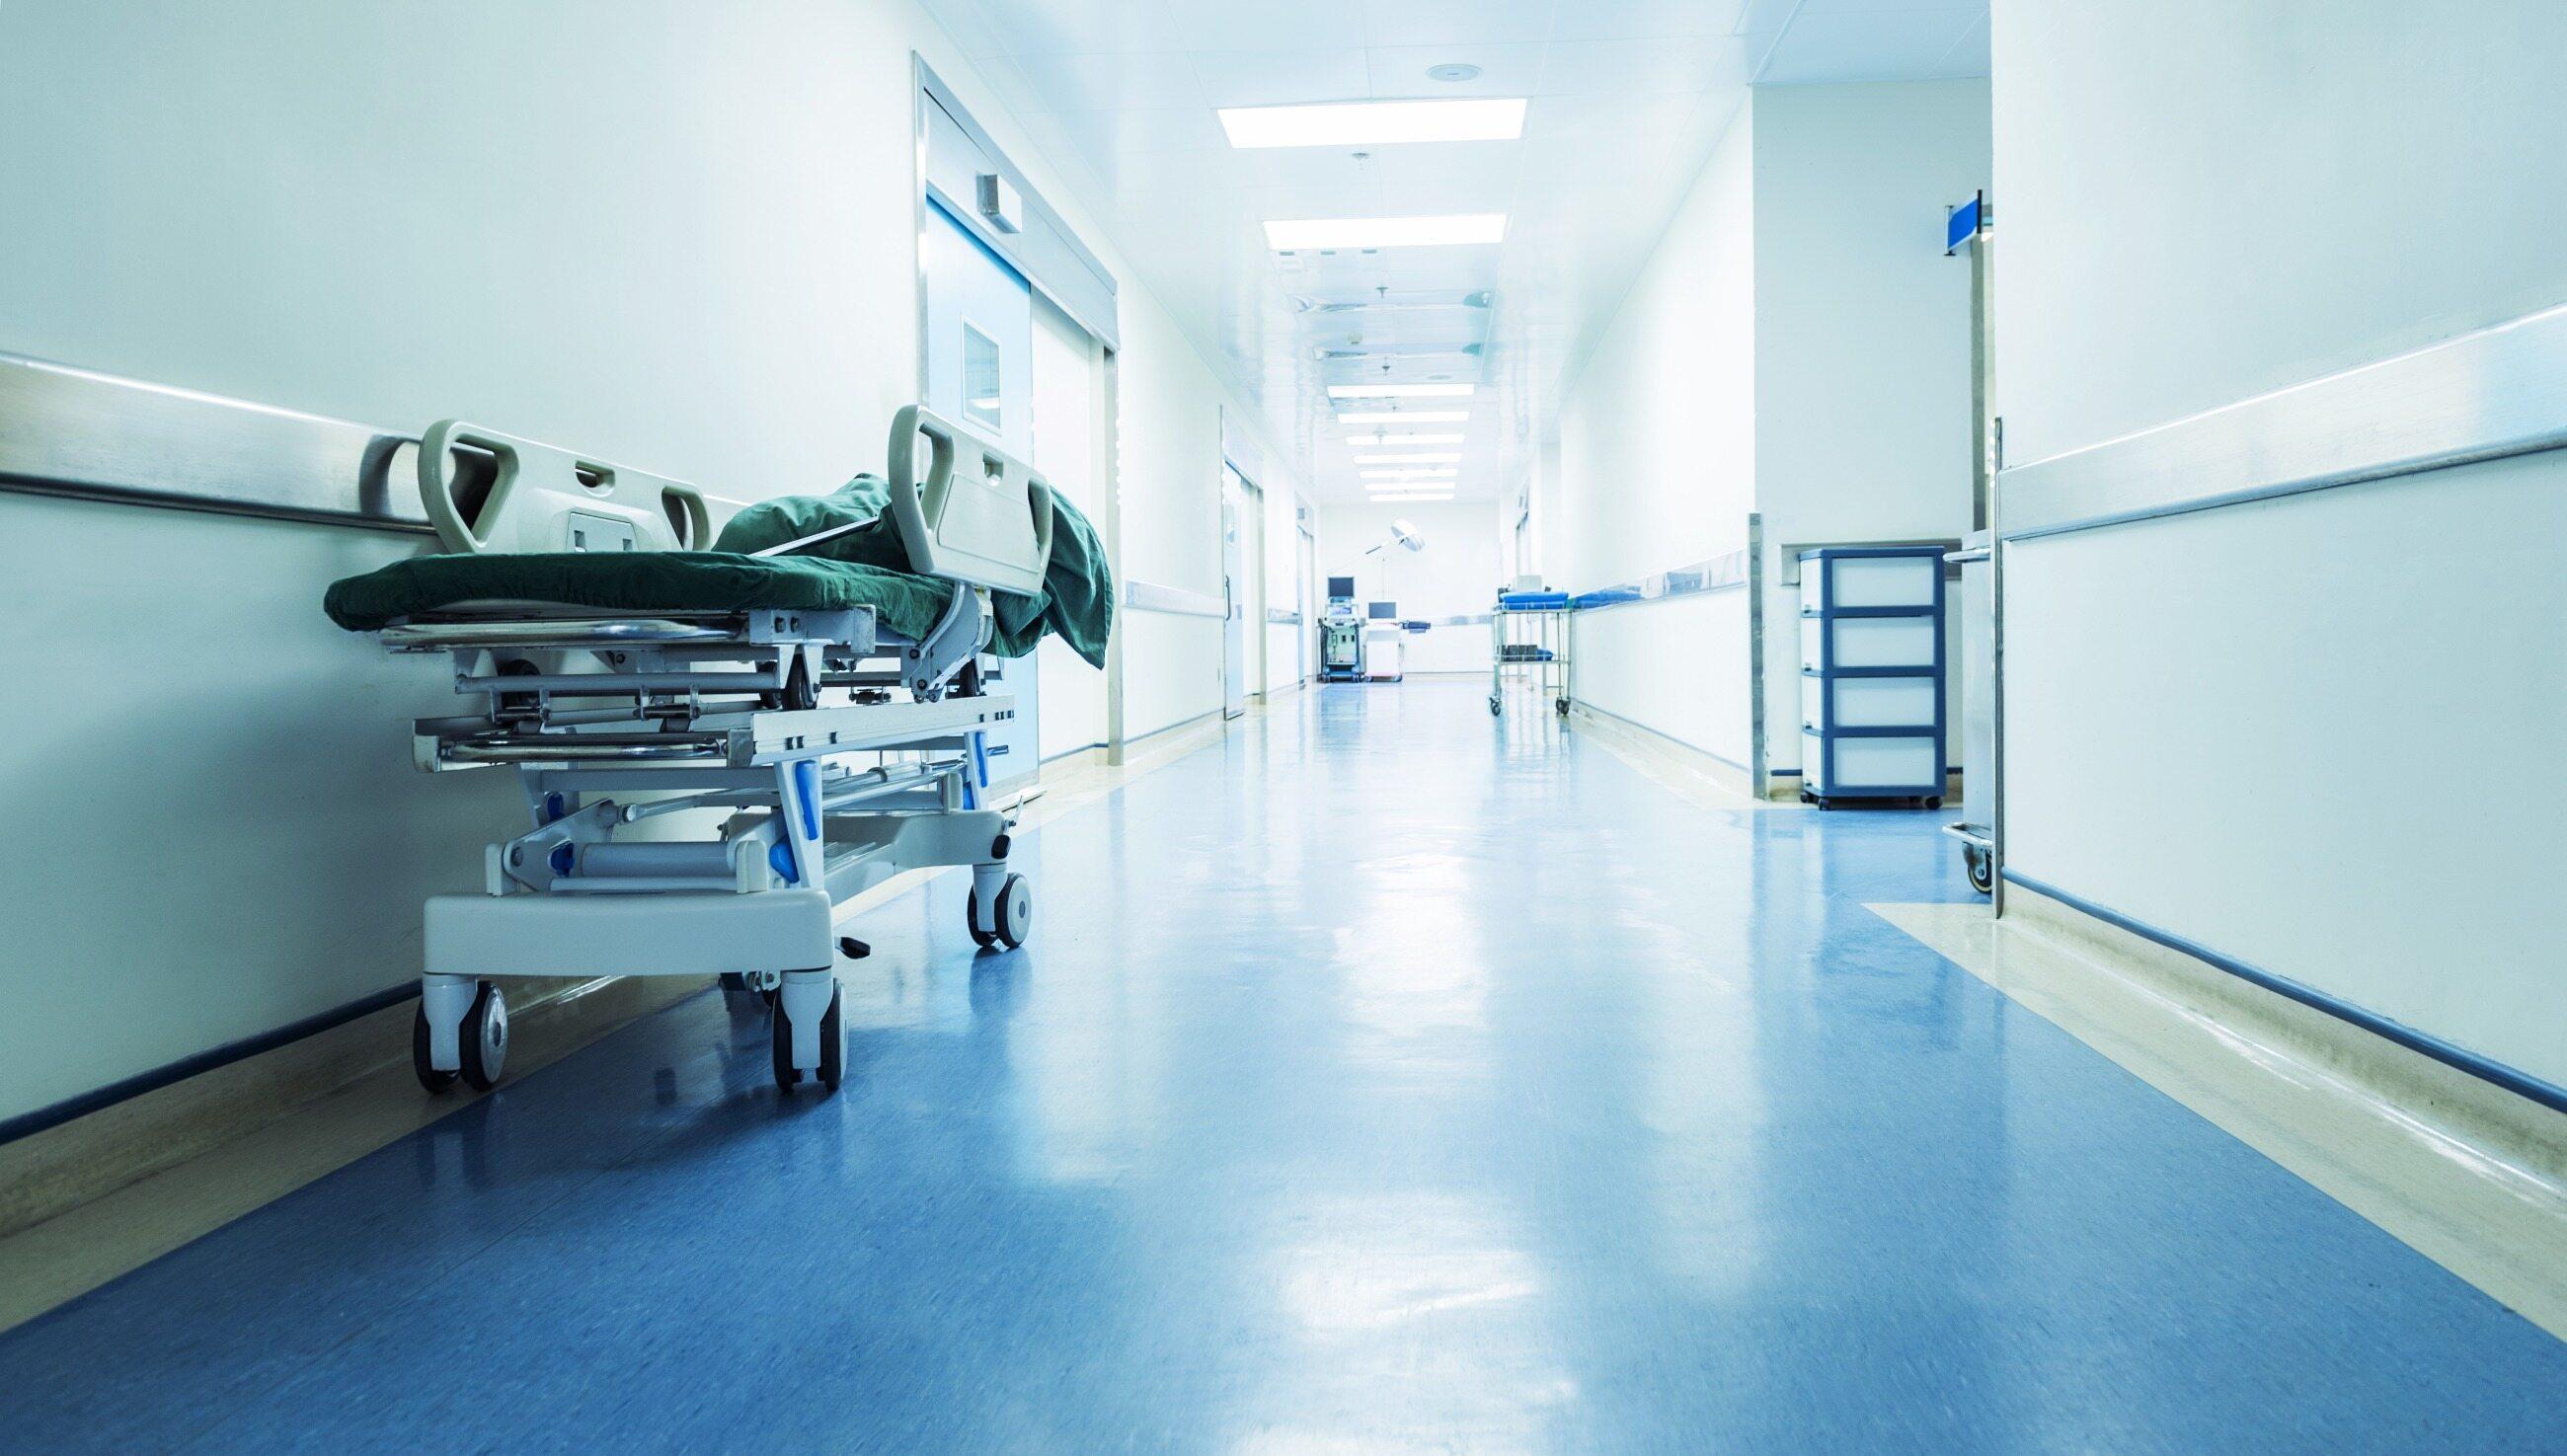 Sytuacja w szpitalach coraz trudniejsza, zdjęcie ilustracyjne